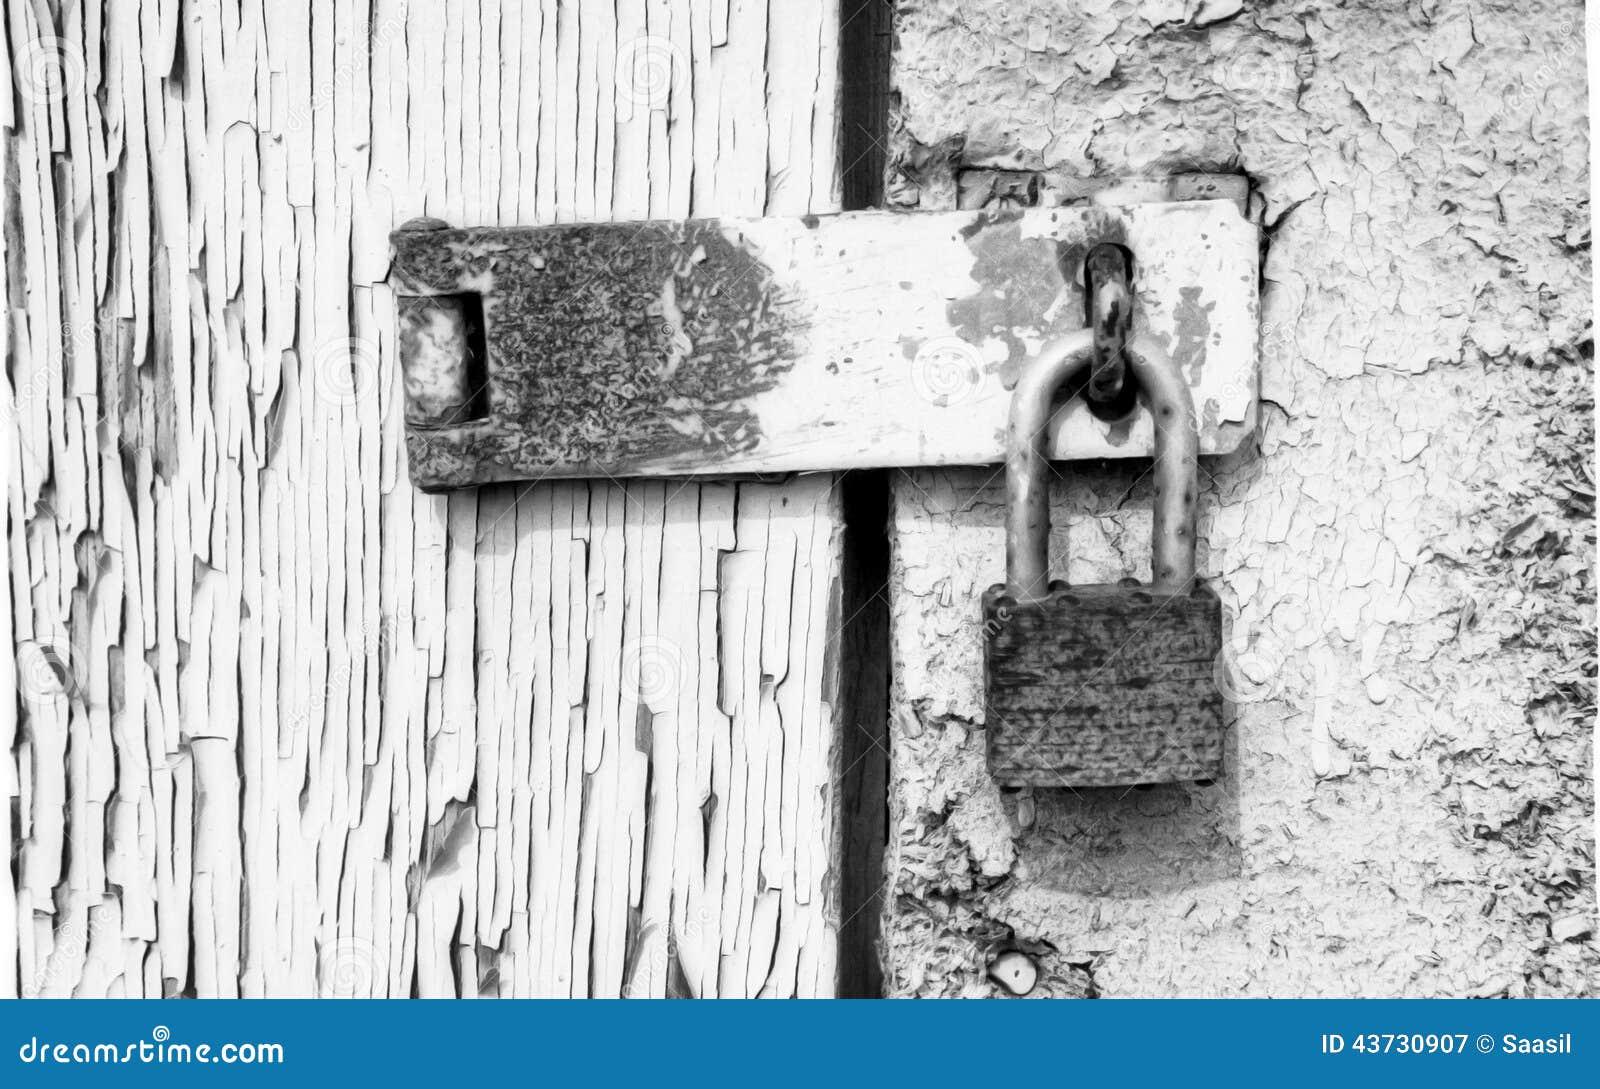 Old Lock In Peeling Painted Wood Door Stock Photo Image